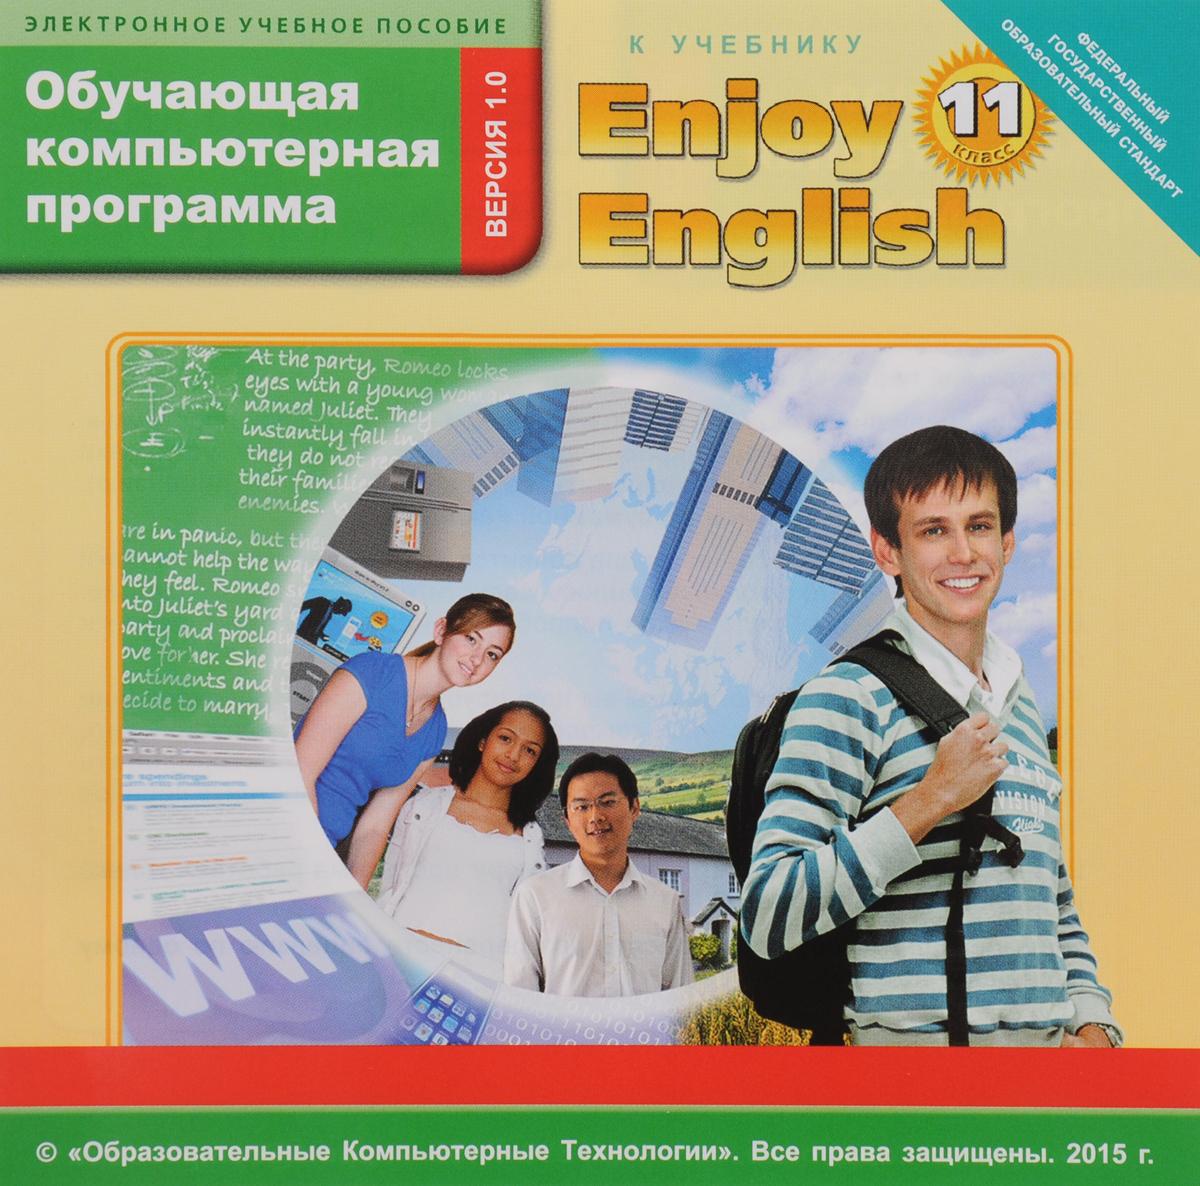 Enjoy English 11 / Английский с удовольствием. 11 класс. Обучающая компьютерная программа danik tm обучающая игра виртуальный учитель африка english